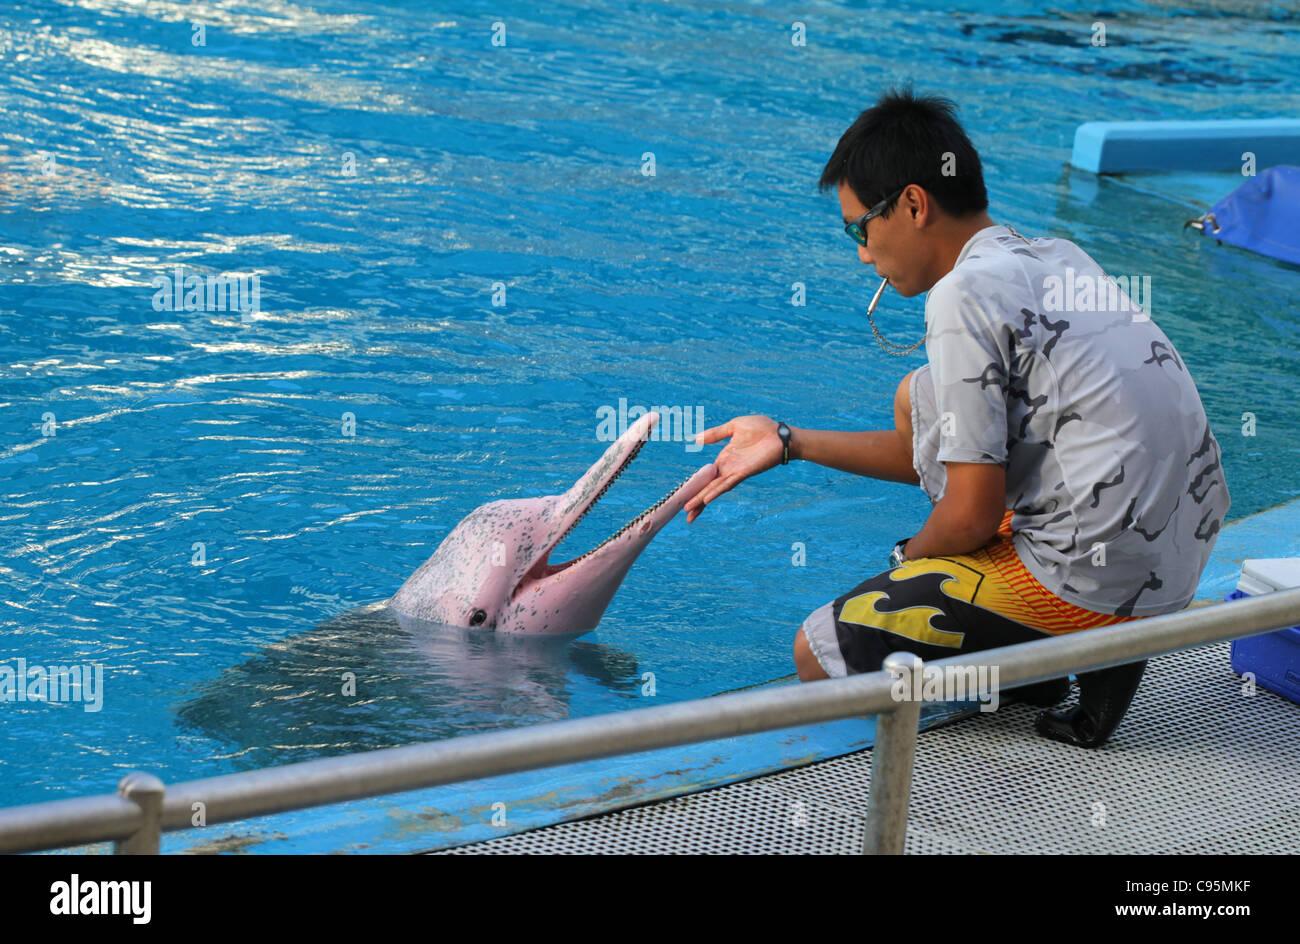 bottlenosed dolphin, common bottle-nosed dolphin (Tursiops truncatus) - Stock Image